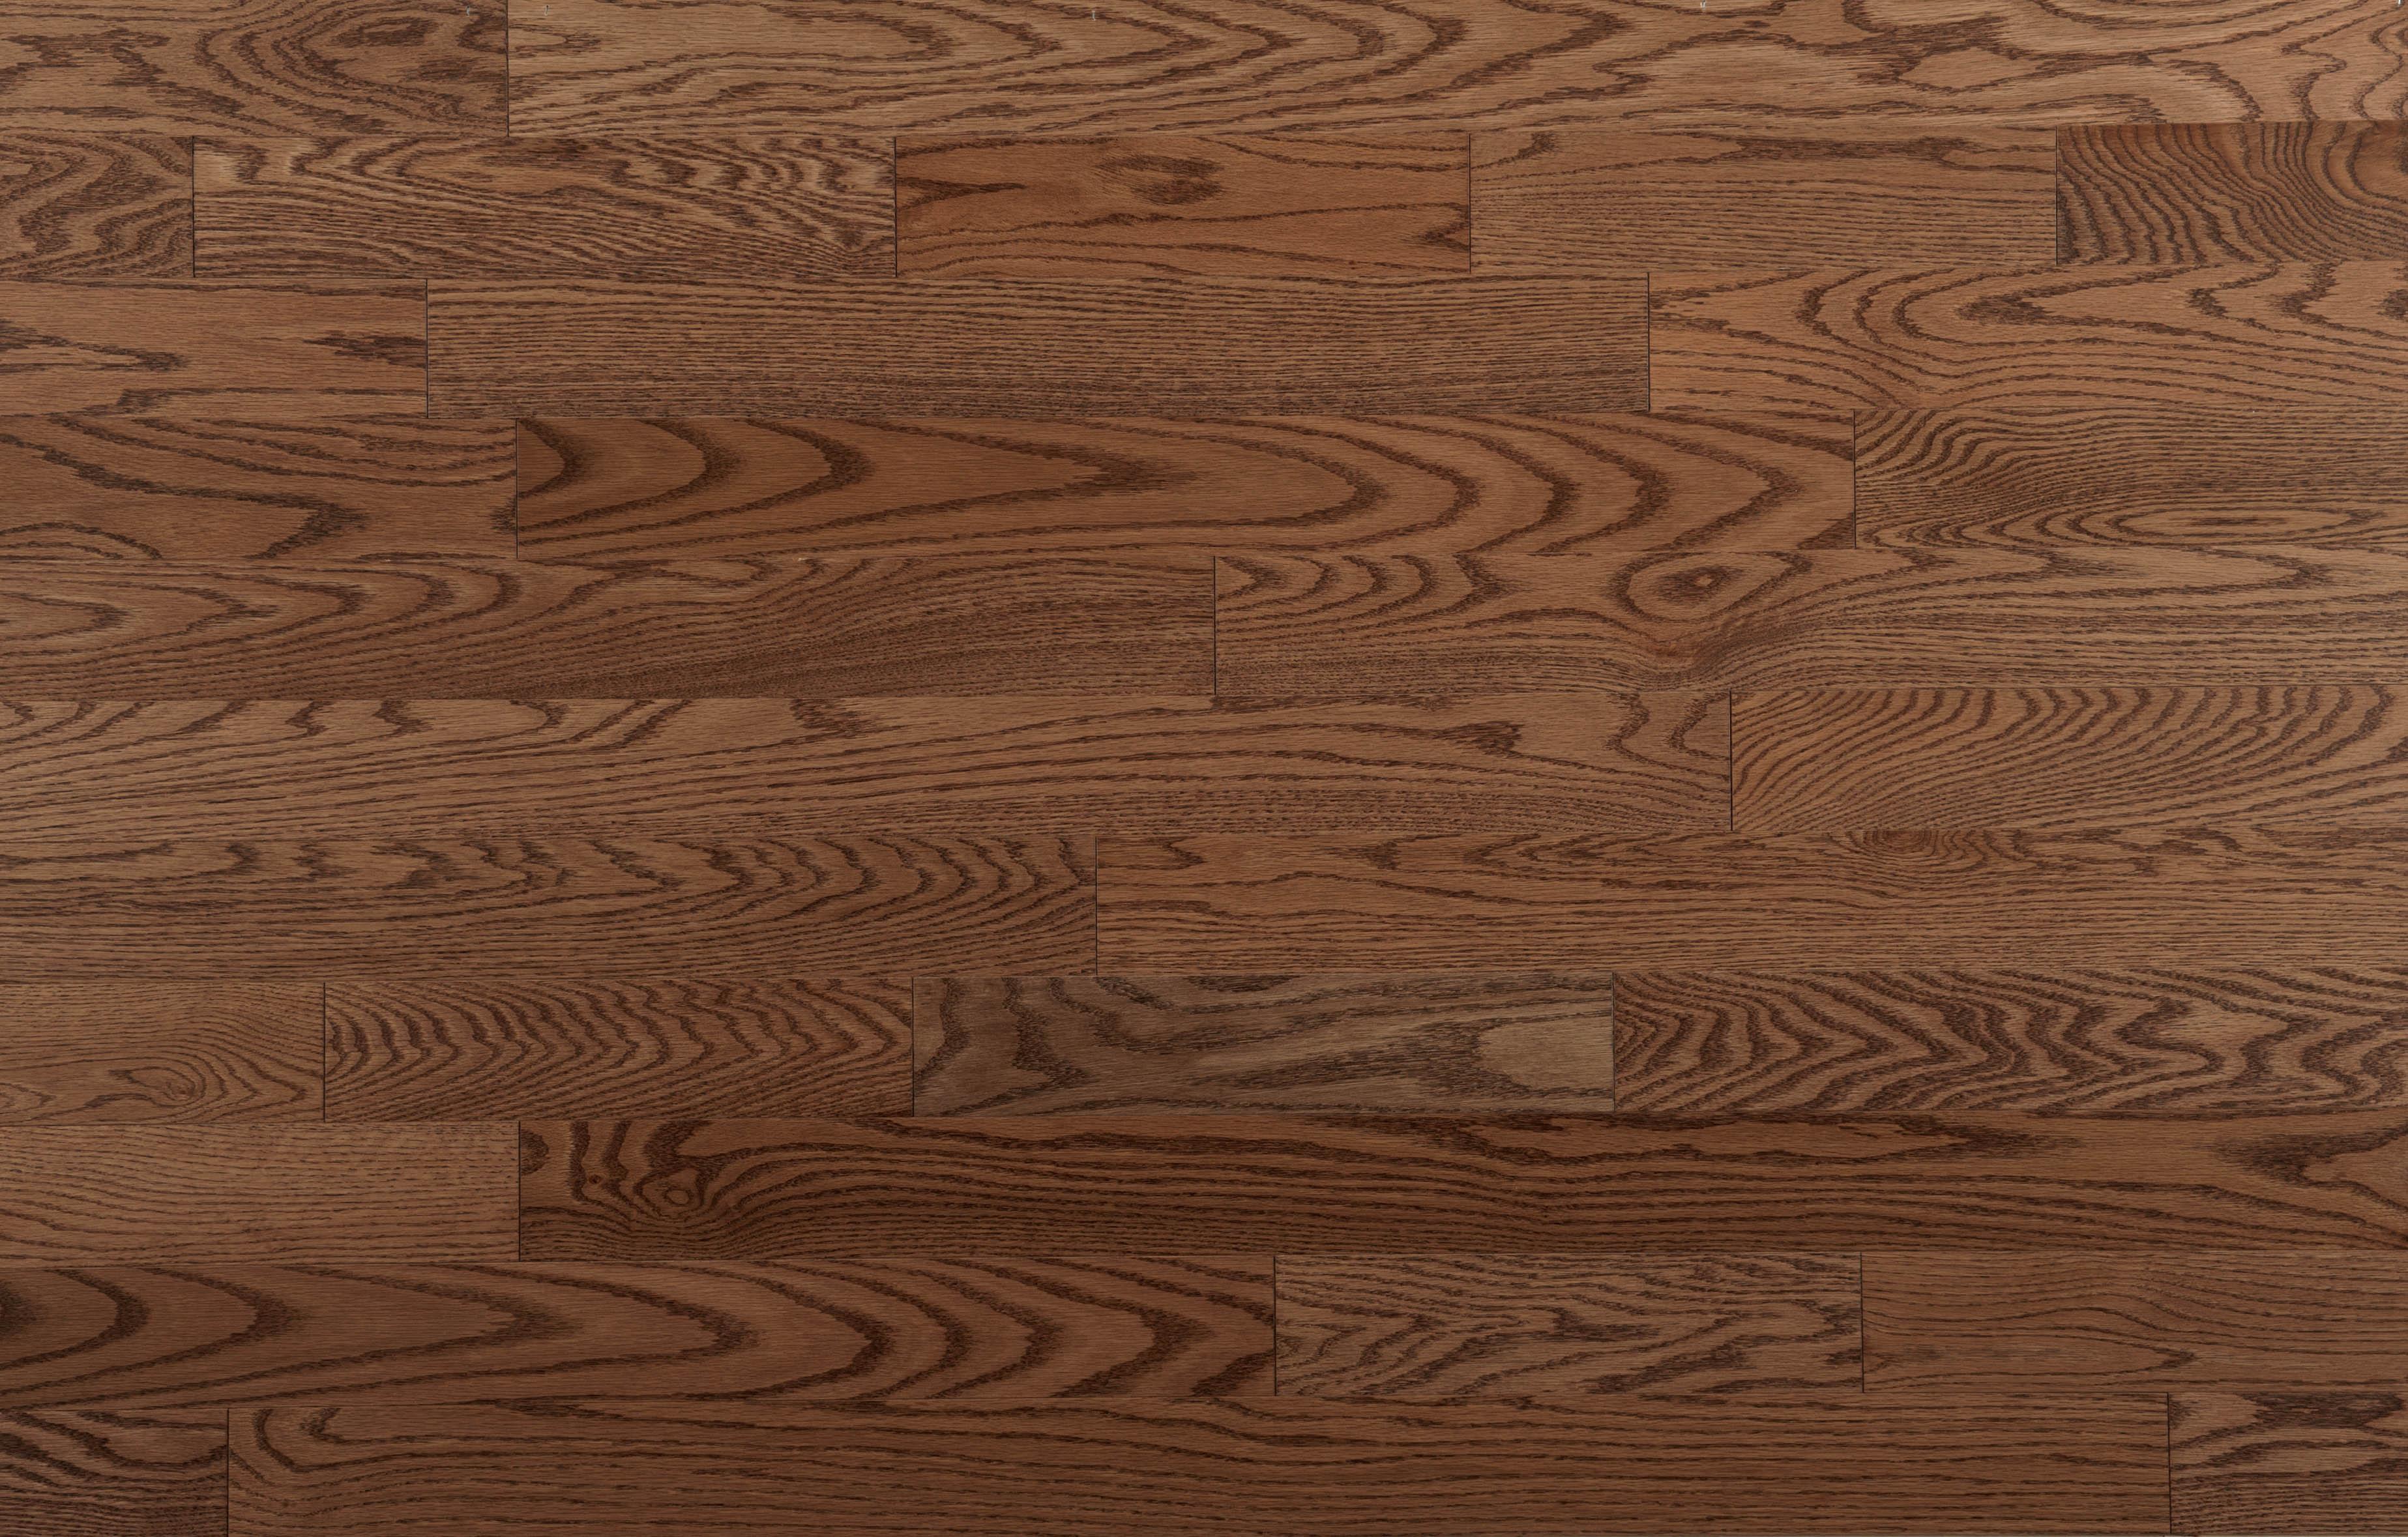 Mirage Hardwood Floors Admiration Collection Red Oak Savanna